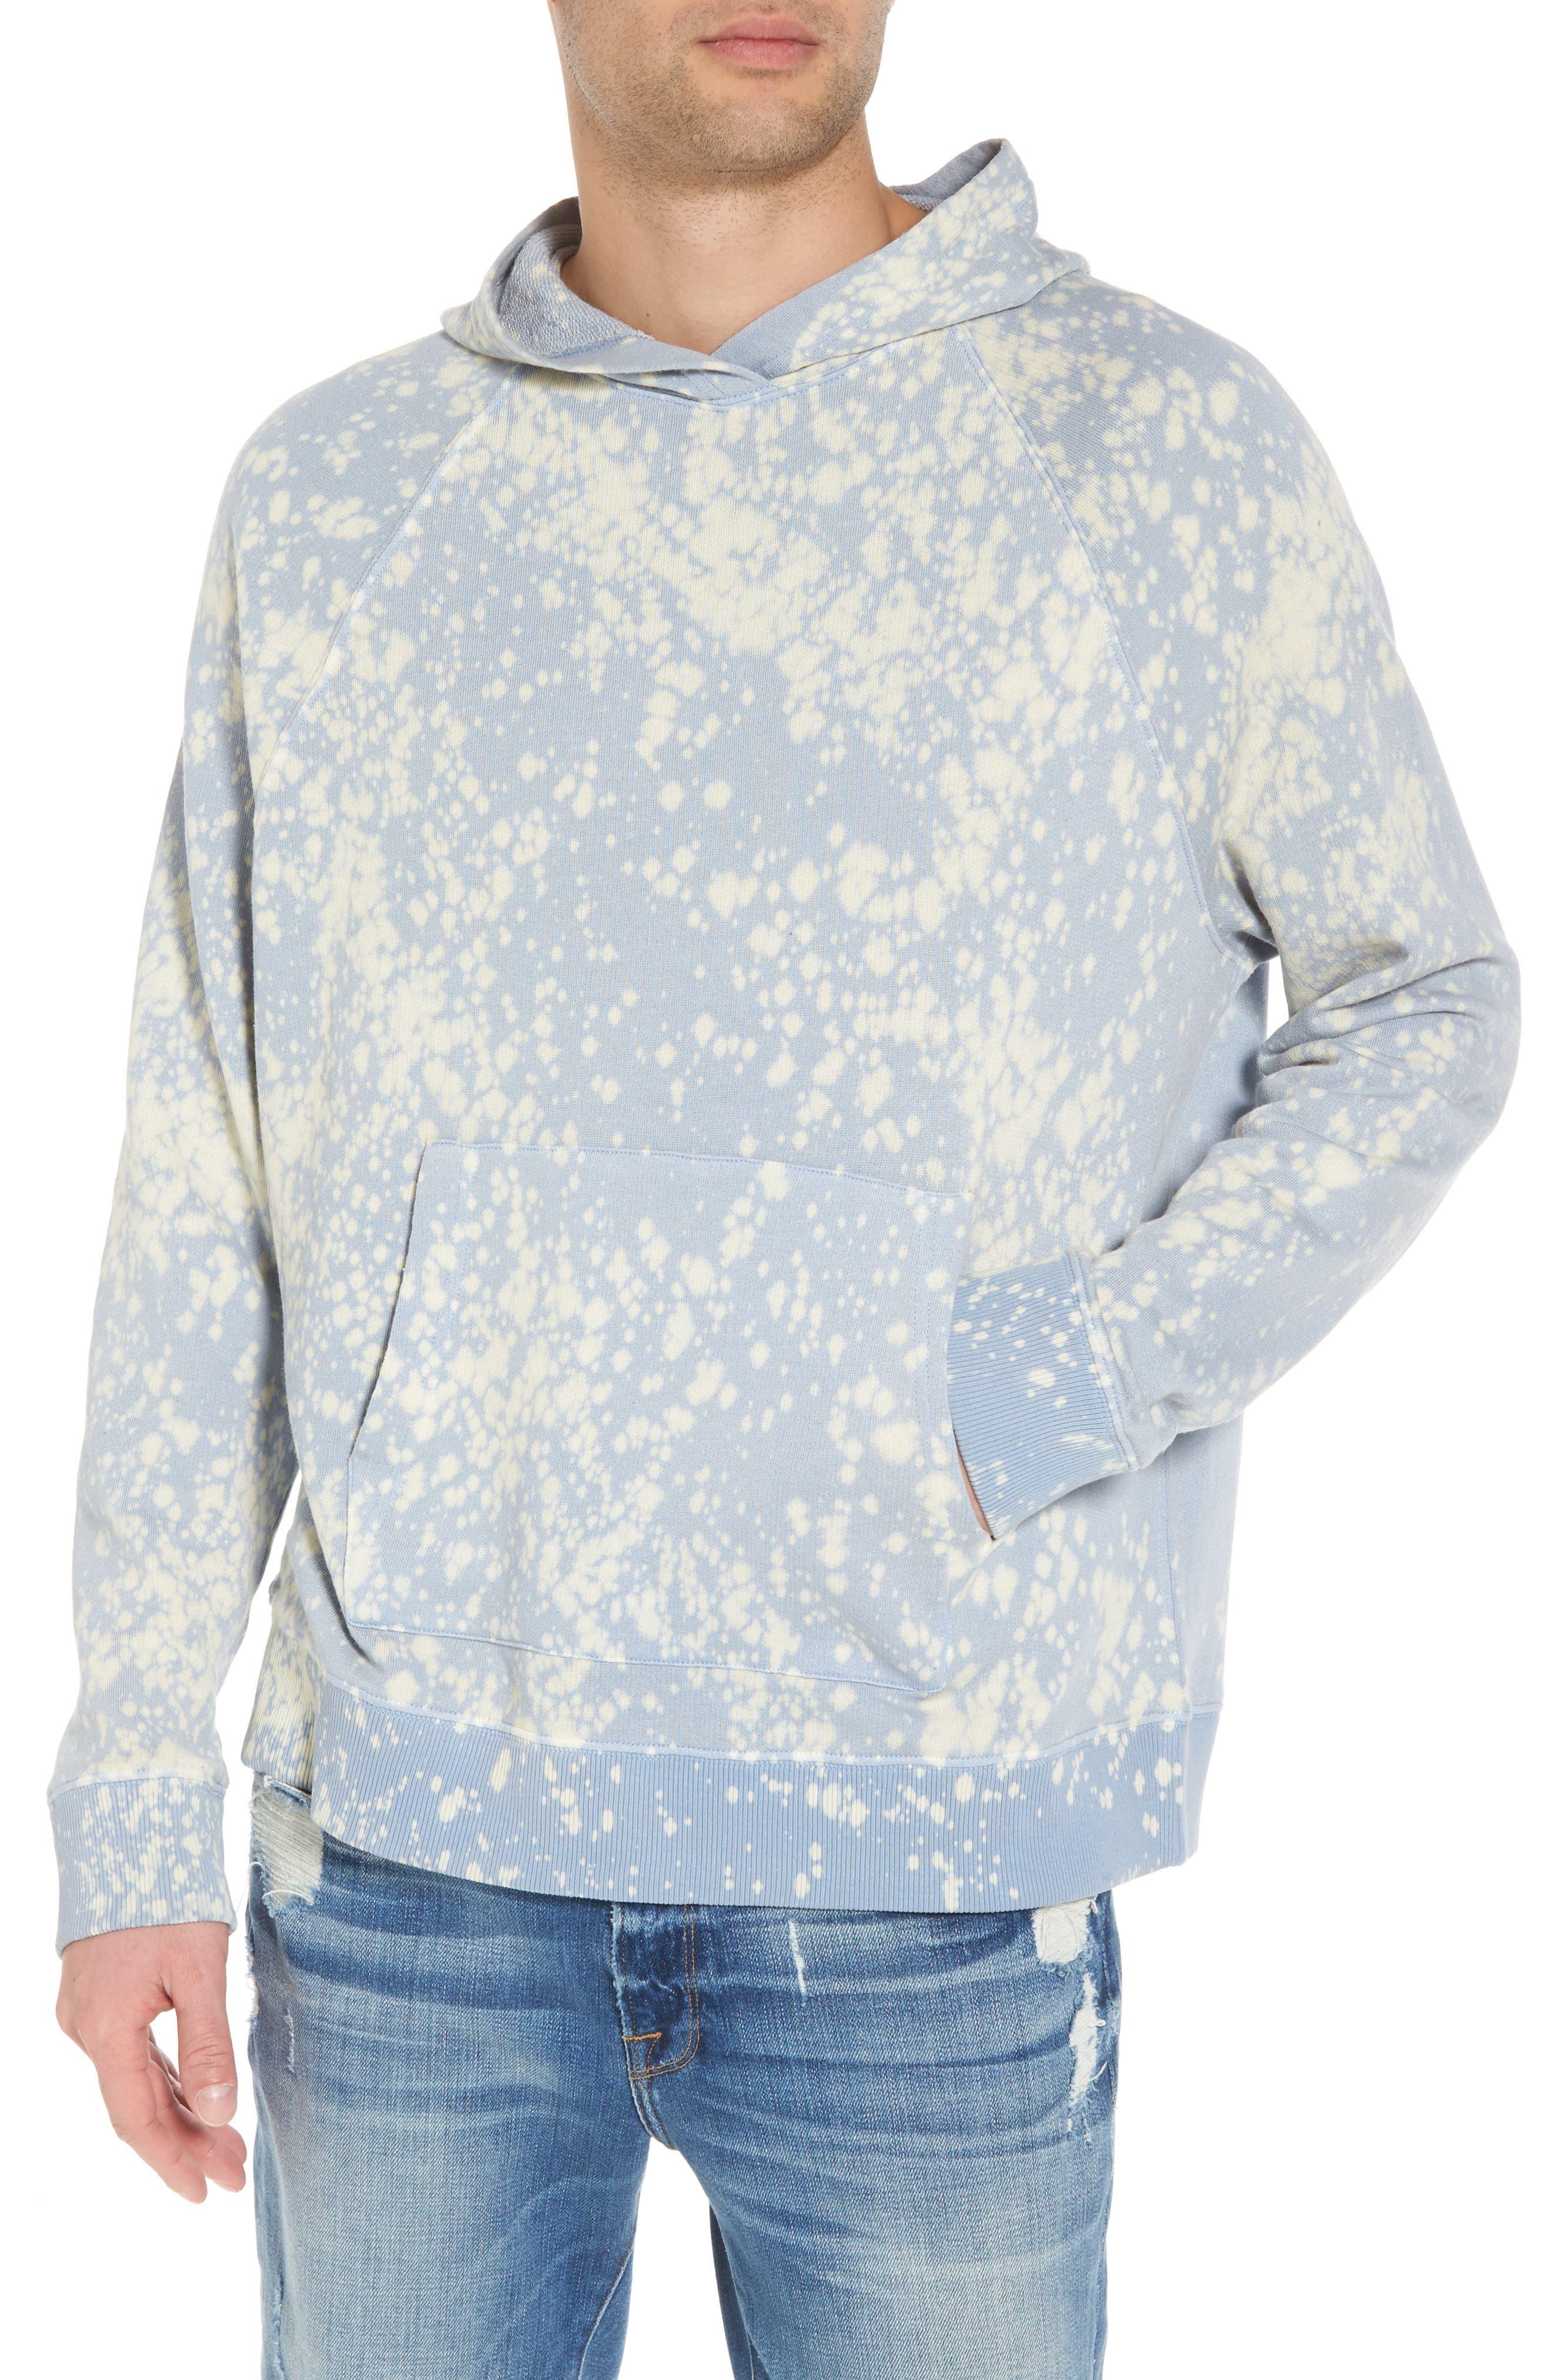 The Rail Bleached Hoodie Sweatshirt